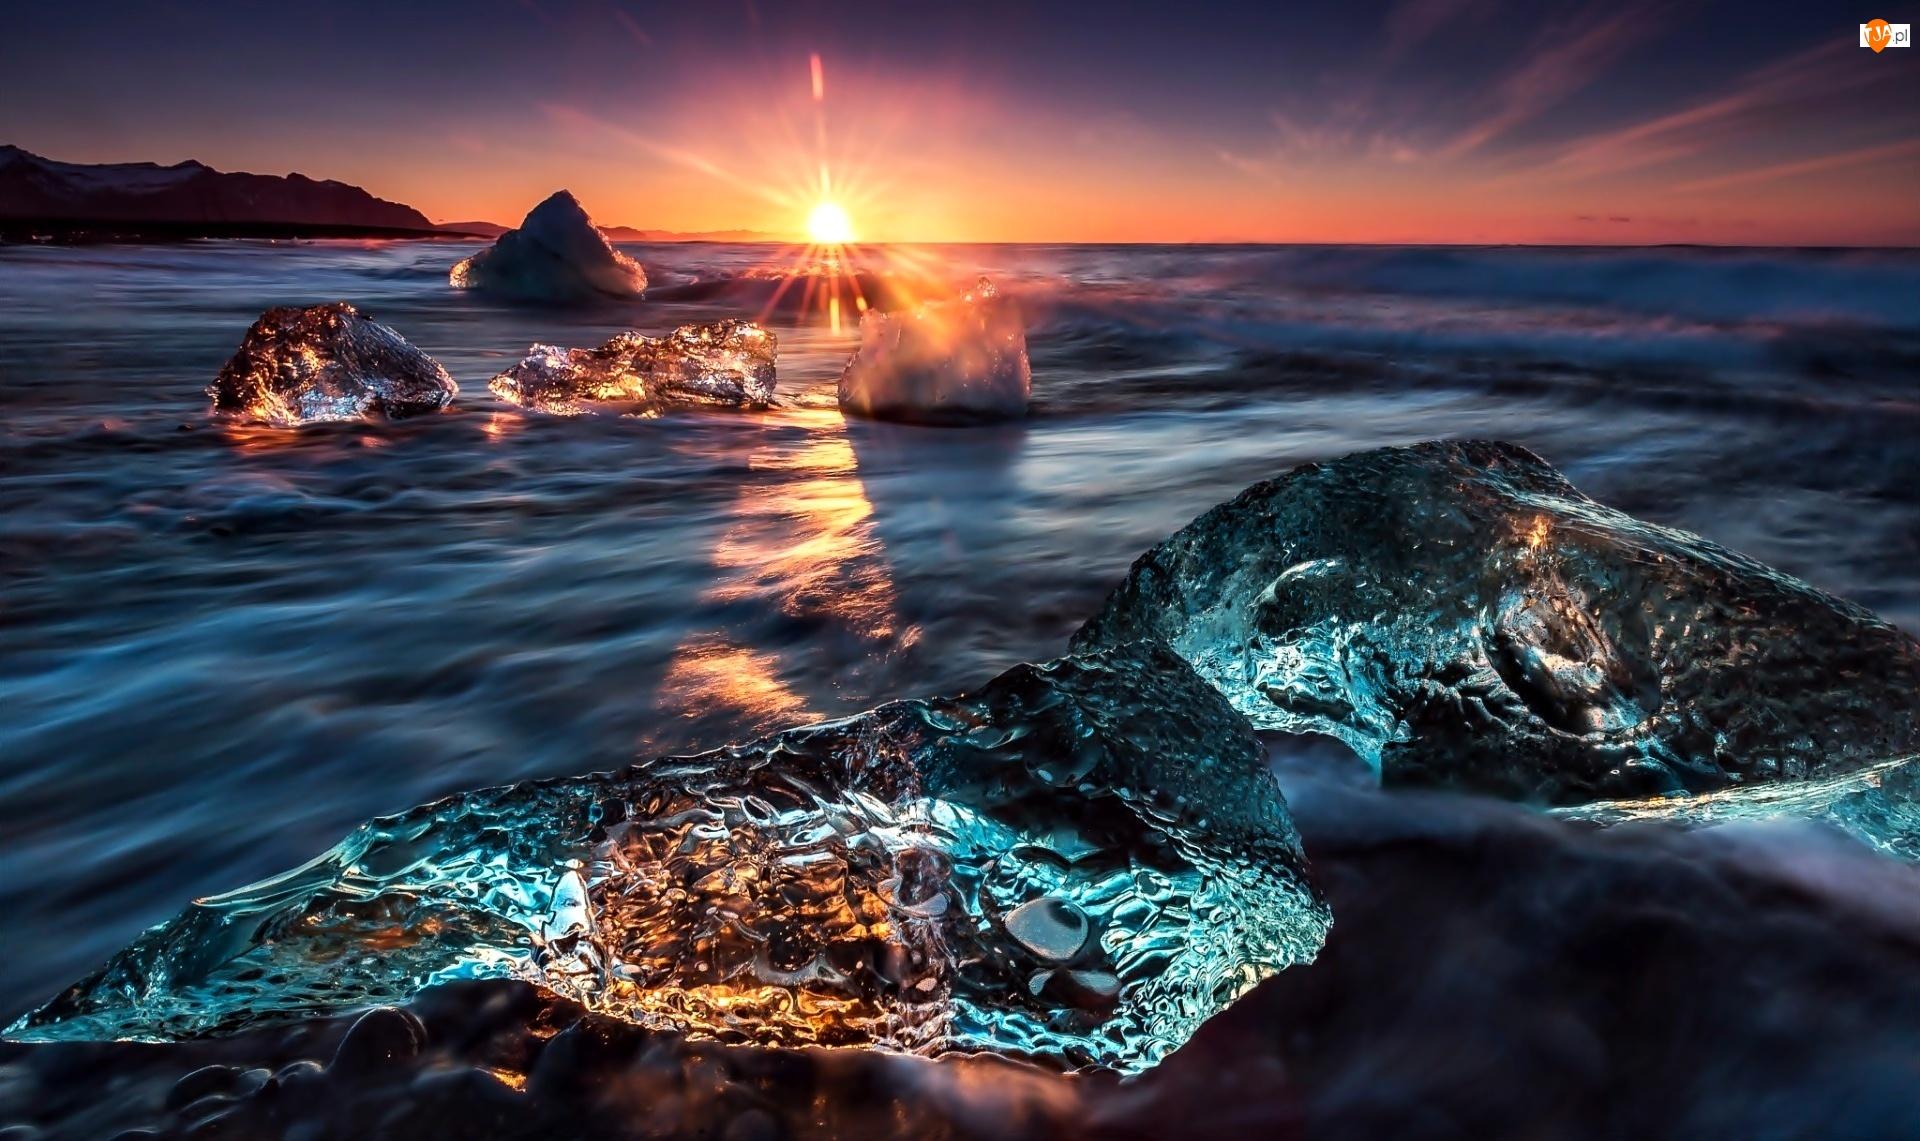 Laguny, Islandia, Zachód Słońca, Morze, Lody